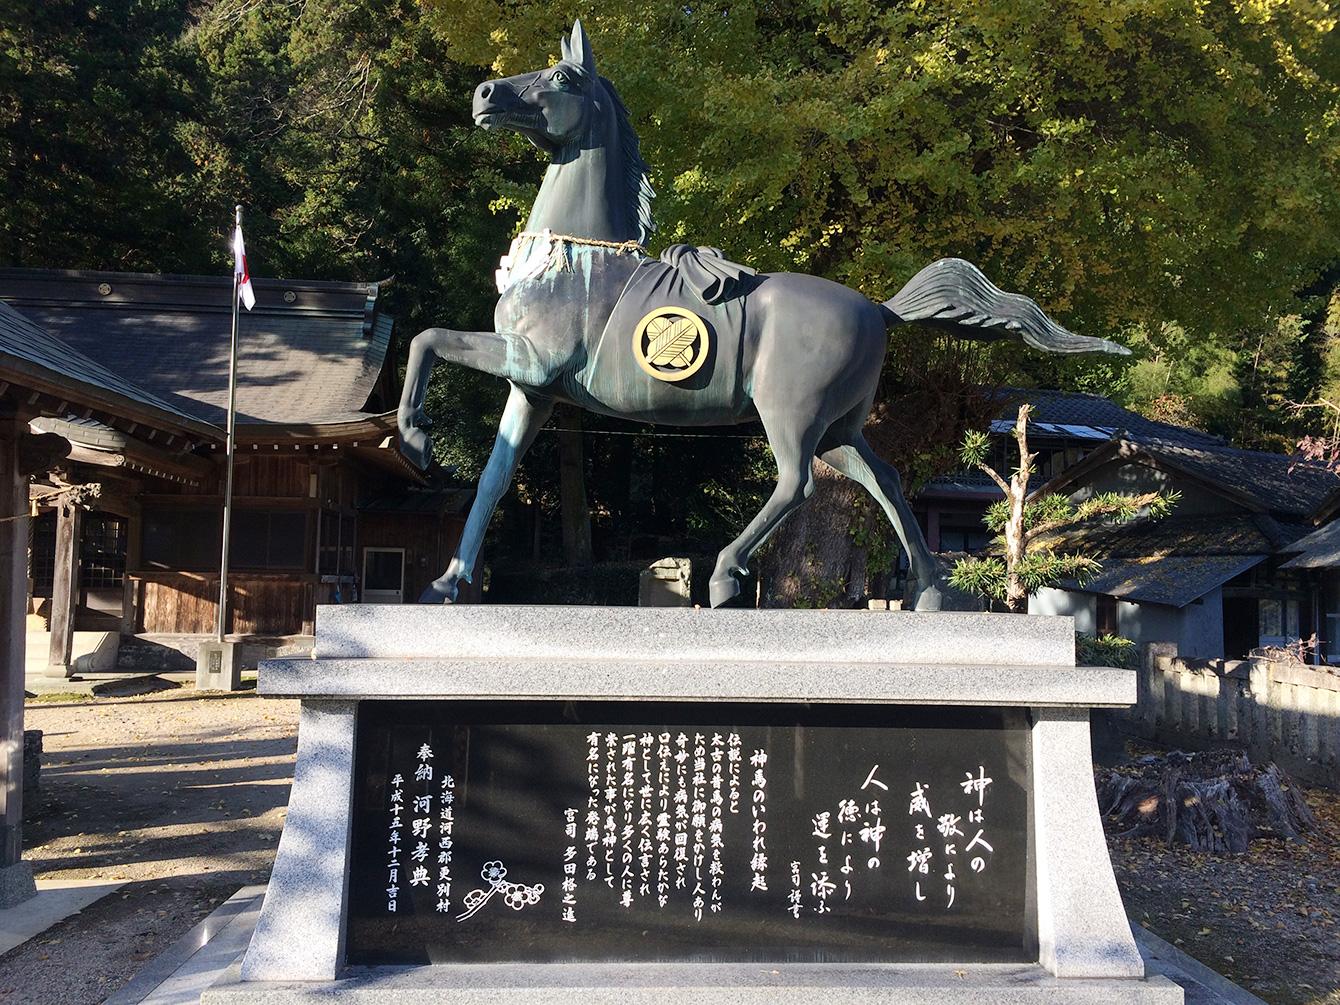 二之宮八幡宮に祀られている神馬。いつもきれいに手入れされていて、宮司さんがとても大切にされている事が伝わってきます。